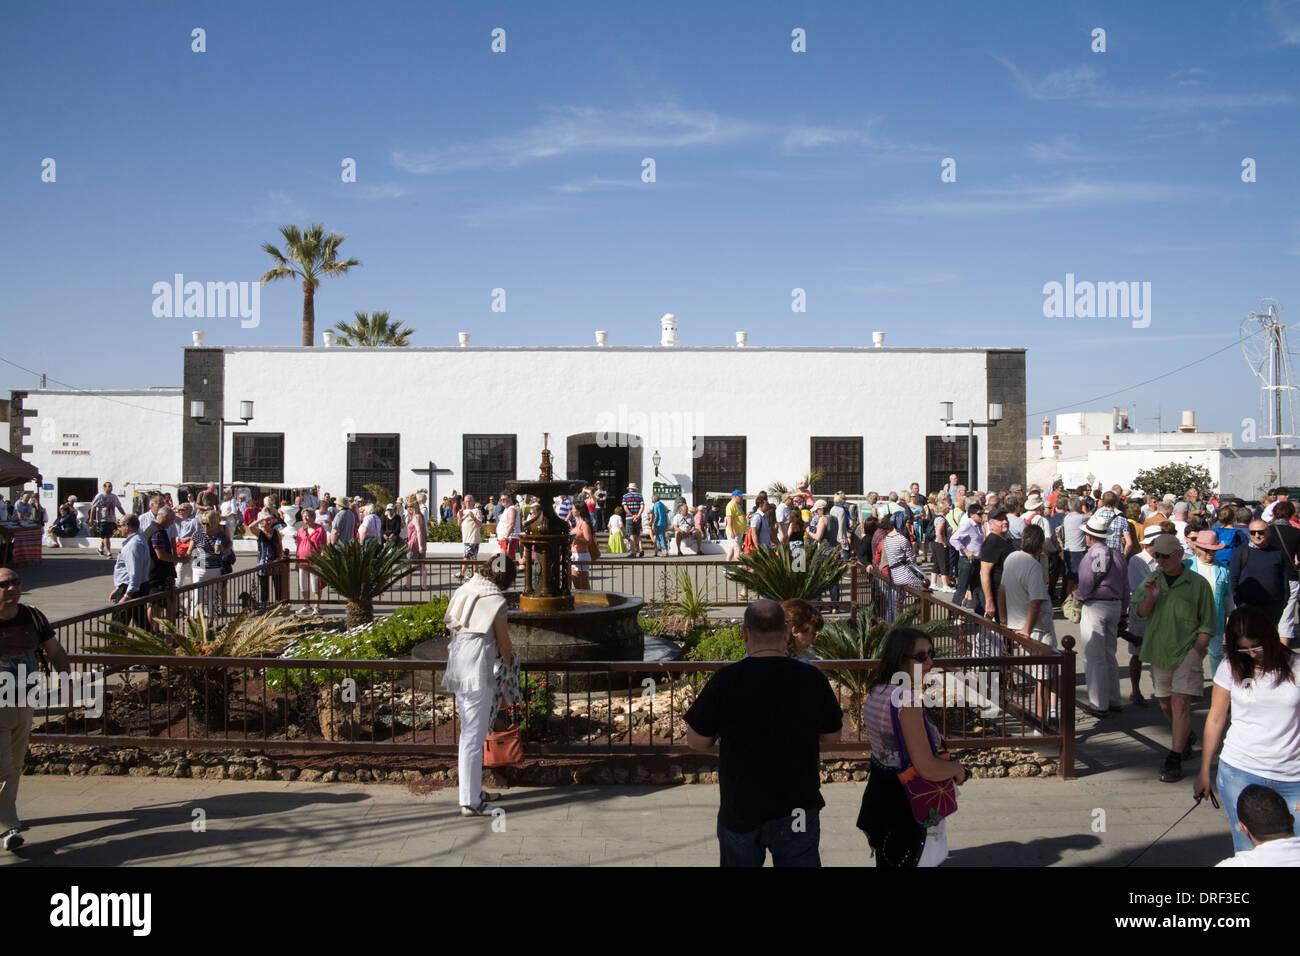 Teguise Lanzarote Kanarische Inseln beschäftigt mit den Besuchern Wochenmarkt in Plaza De La Constitucion Casa Museo del Timple quadratisch Stockbild